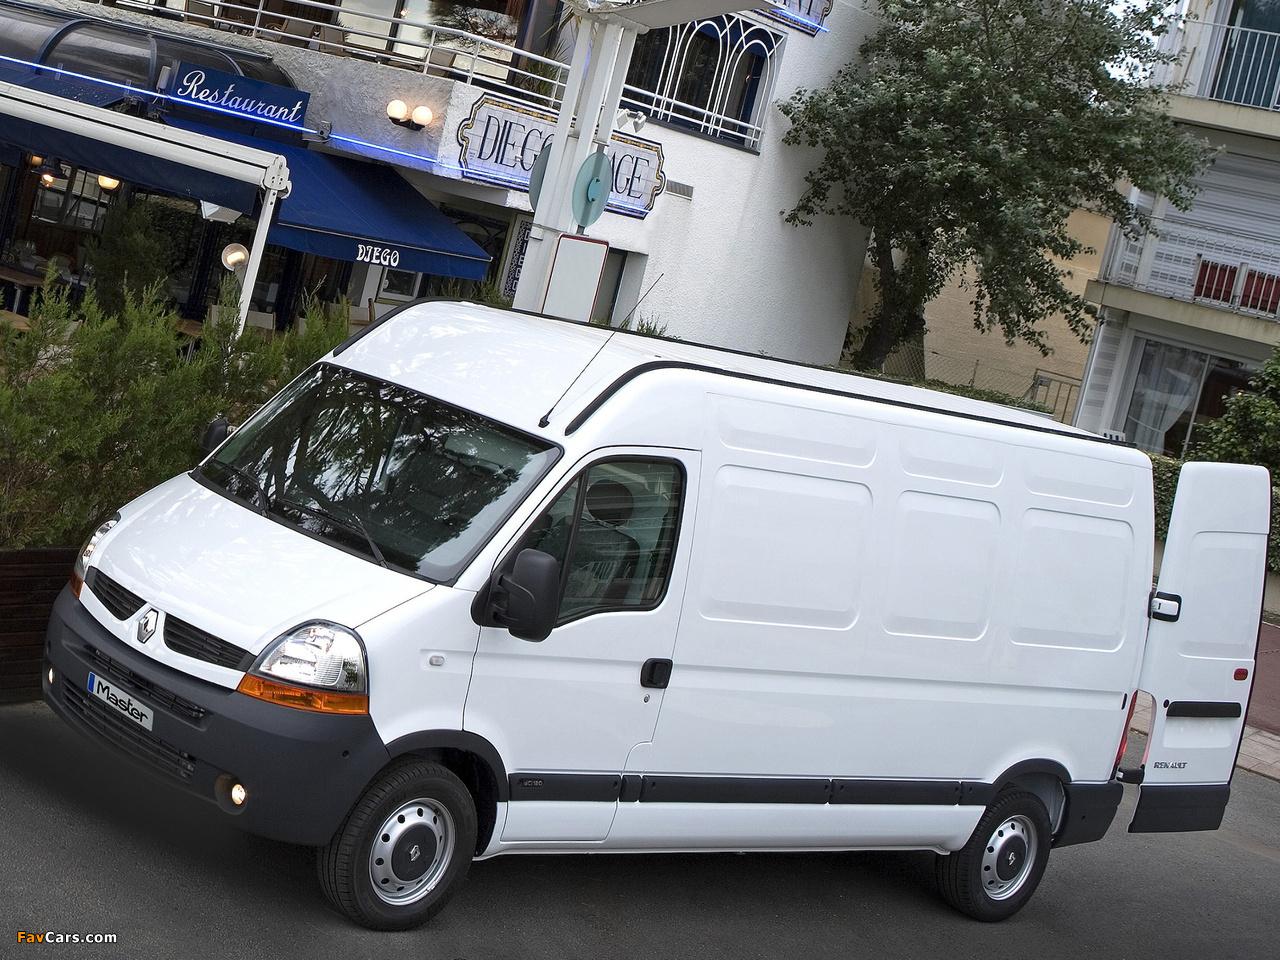 Renault Master Van 2003 U201310 Wallpapers  1280x960